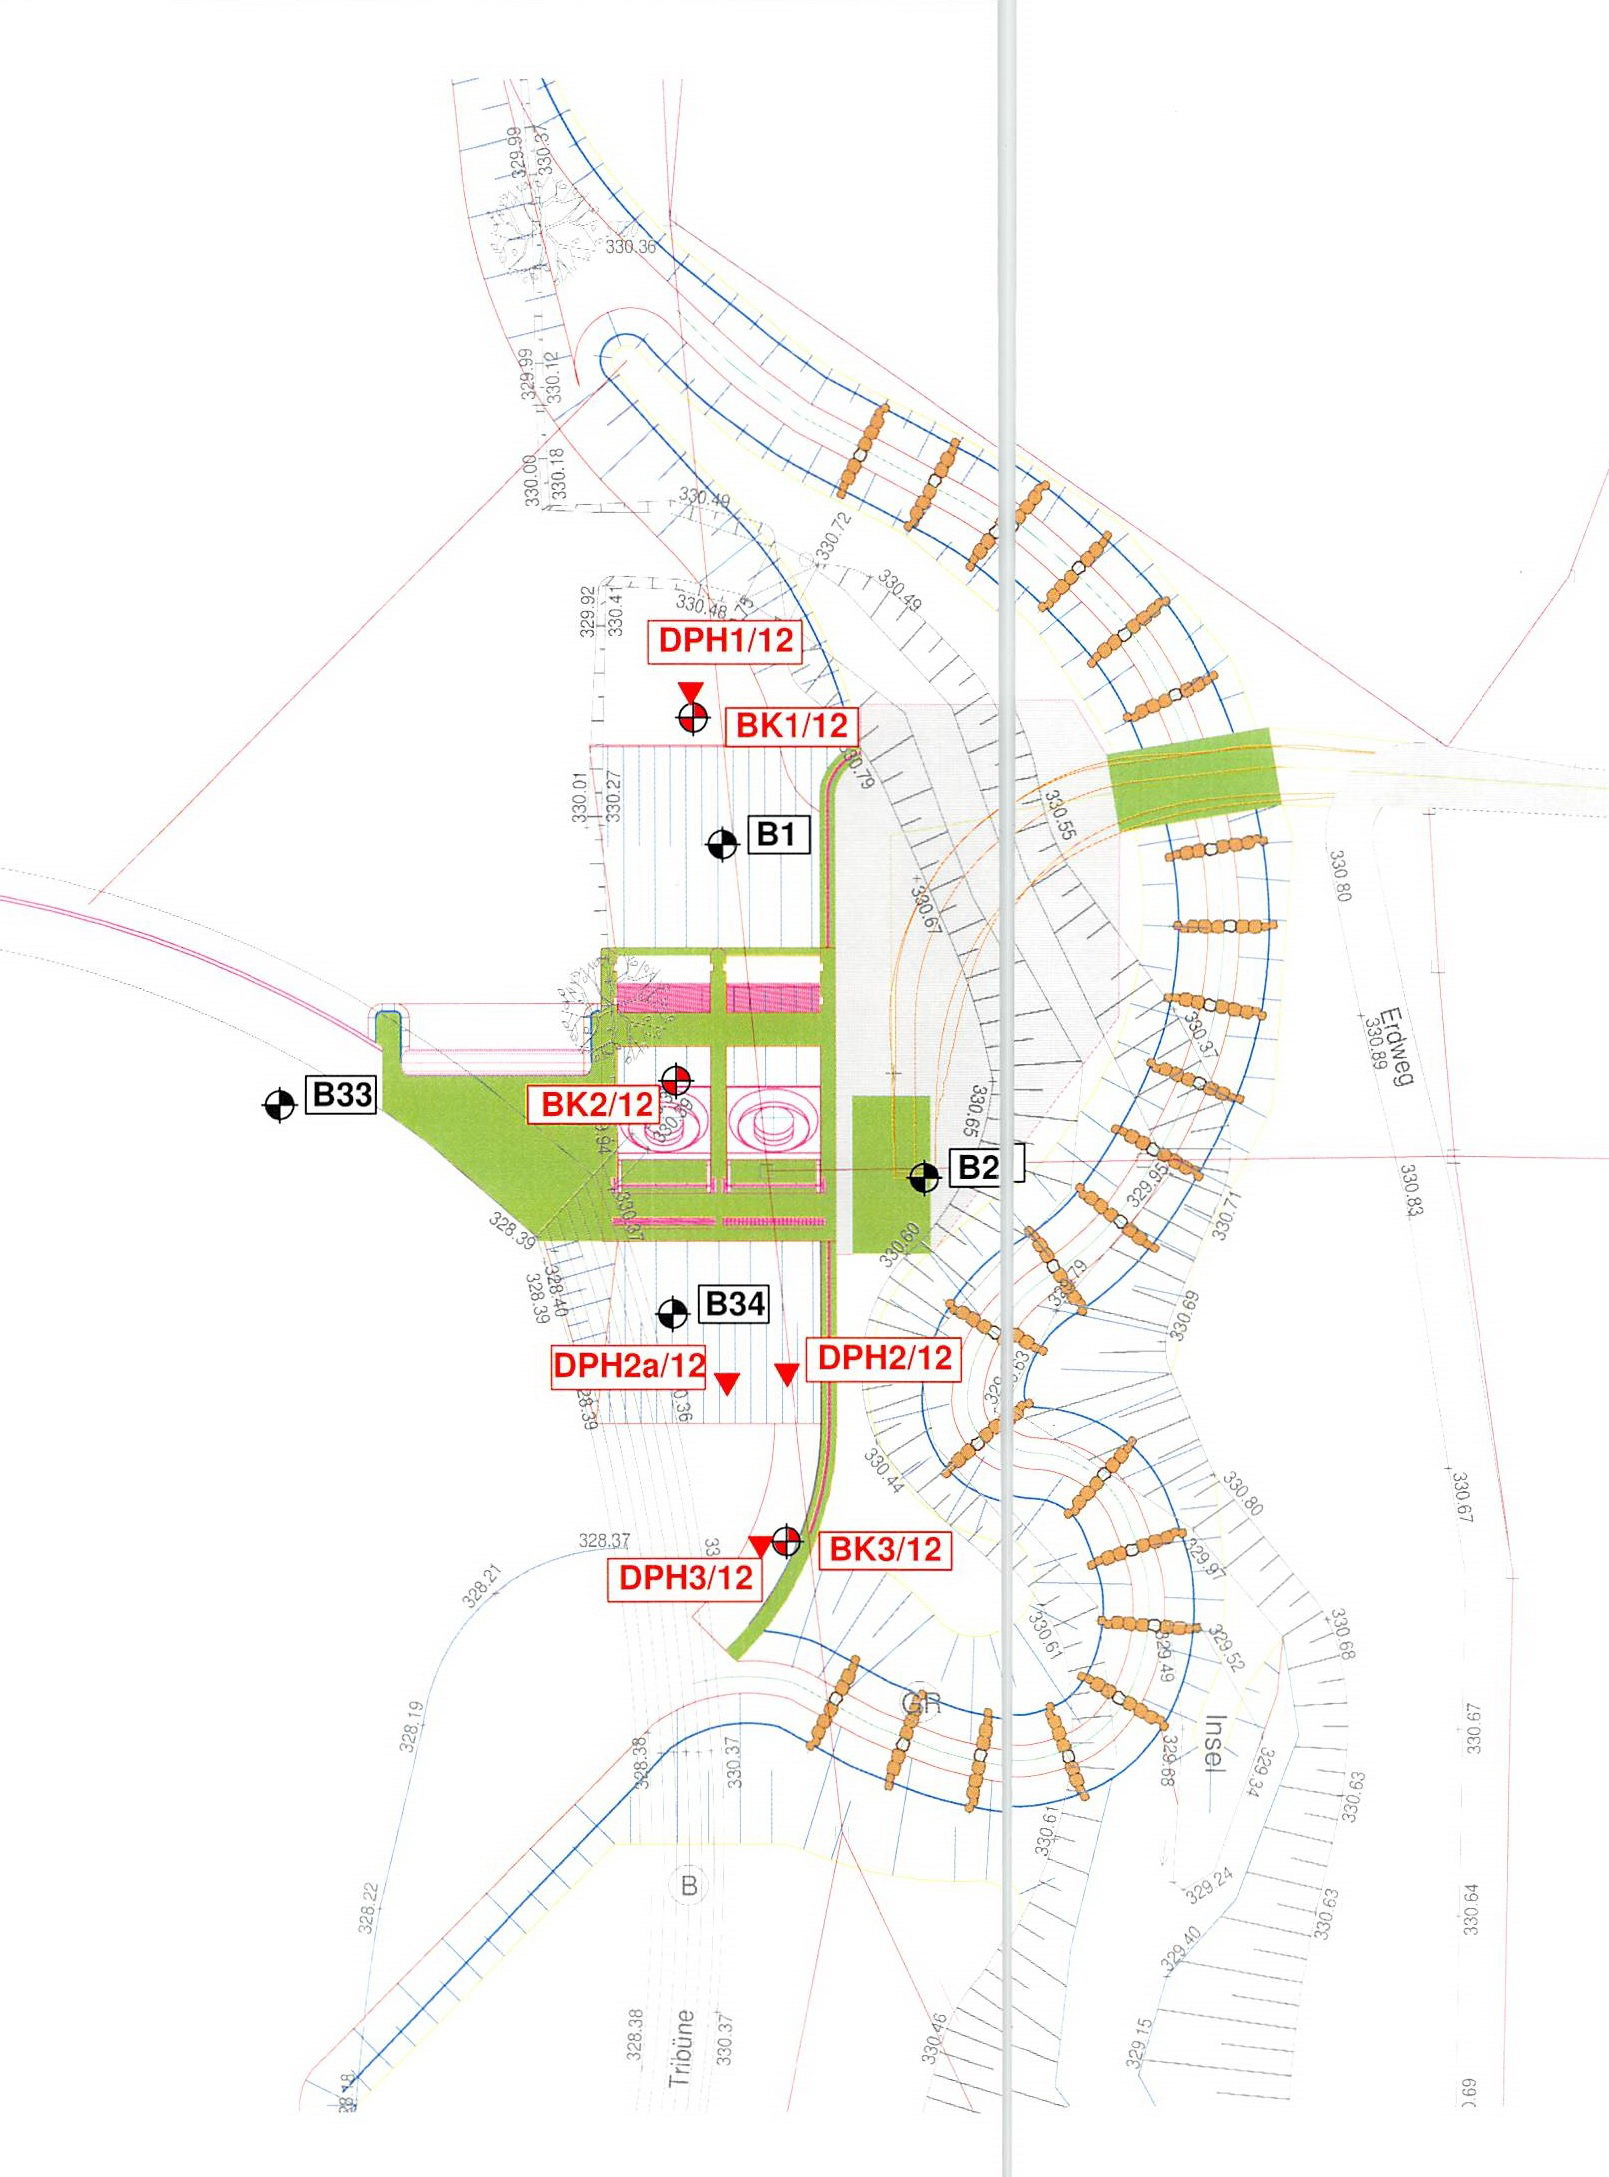 Planzeichnung geplantes Bauvorhaben